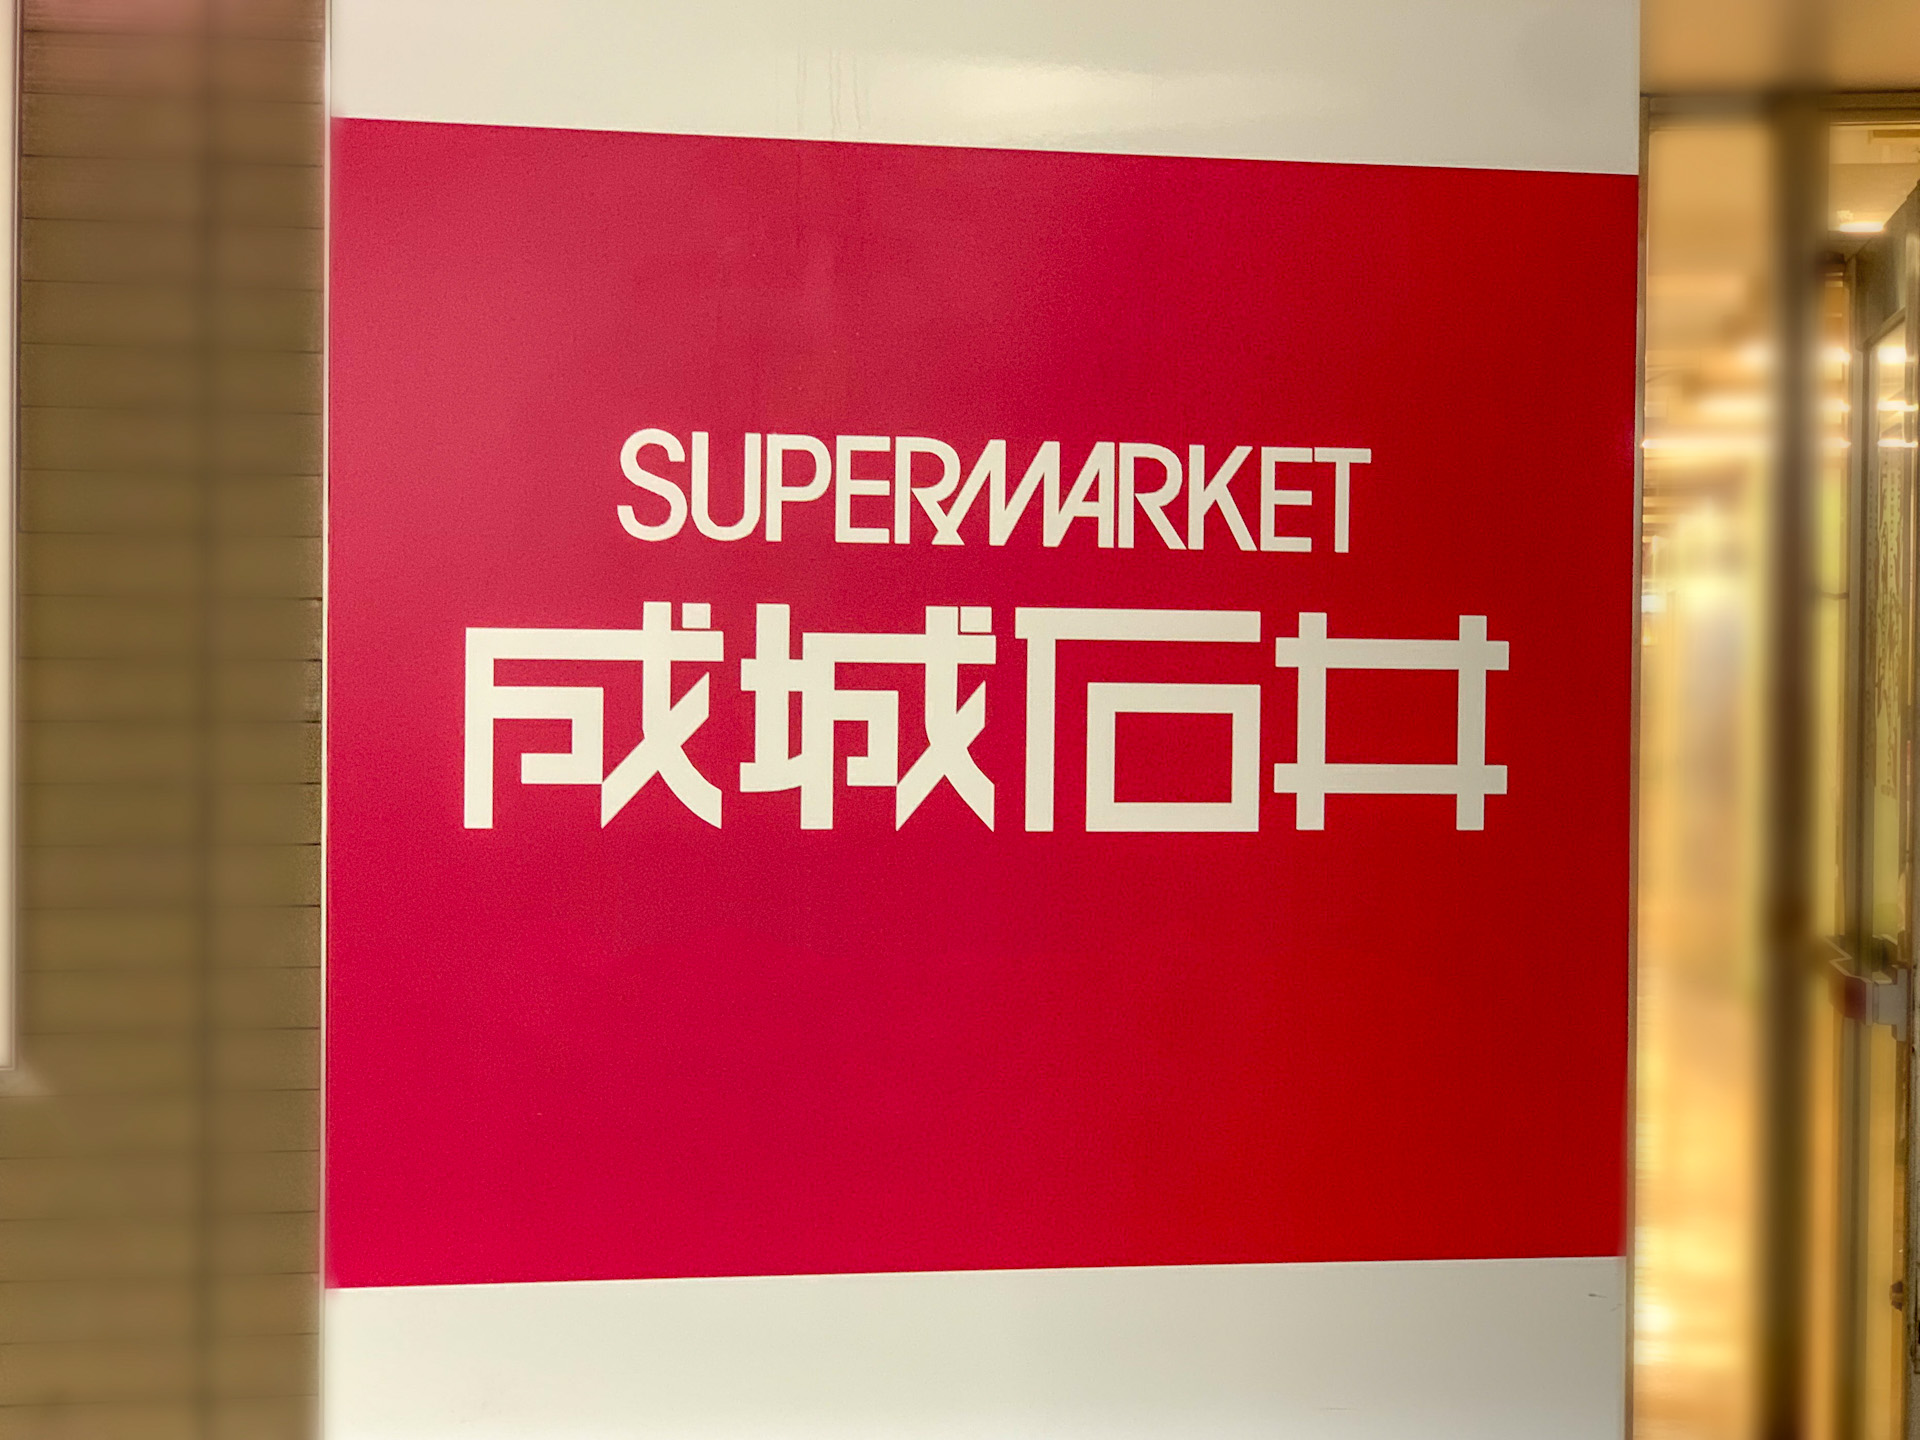 成城石井を大特集♡自家製スイーツや惣菜も人気のこだわりスーパーマーケット